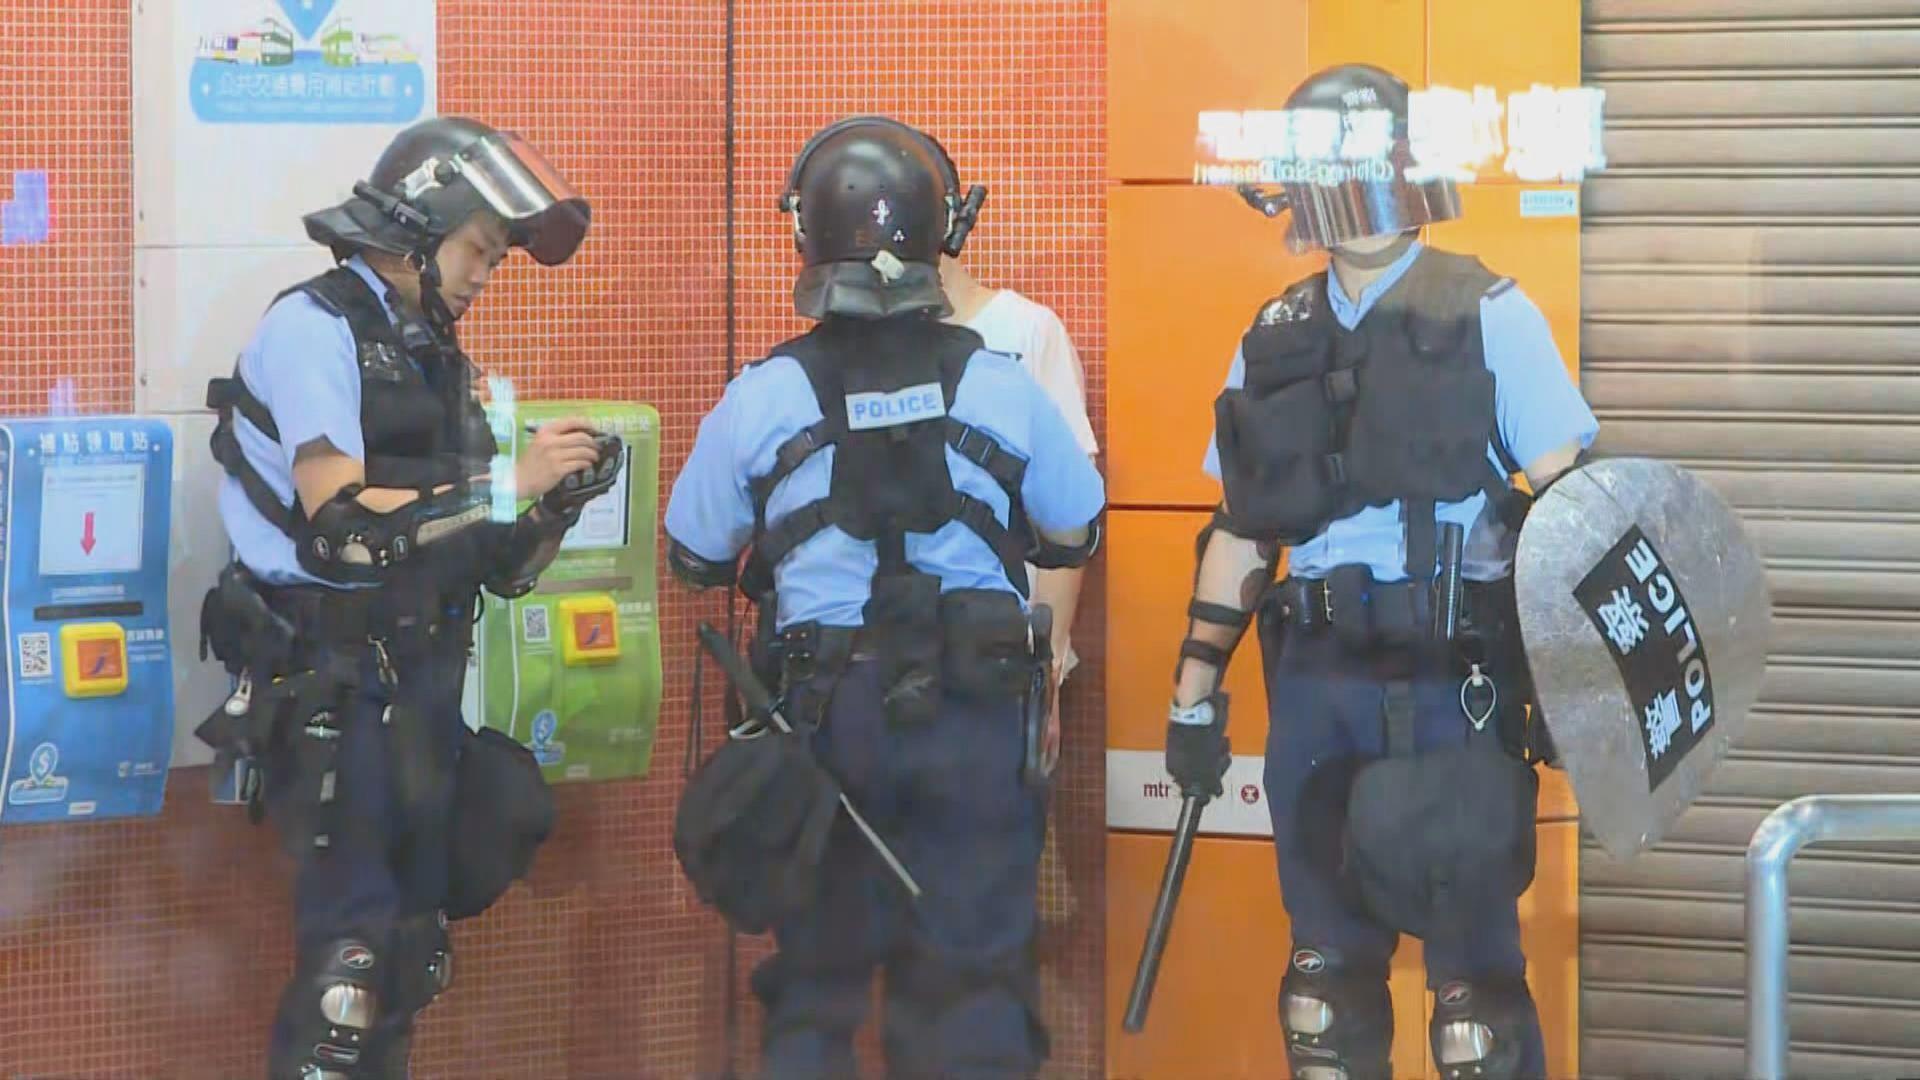 警察驅趕聚集寶琳站示威者 封鎖車站搜查